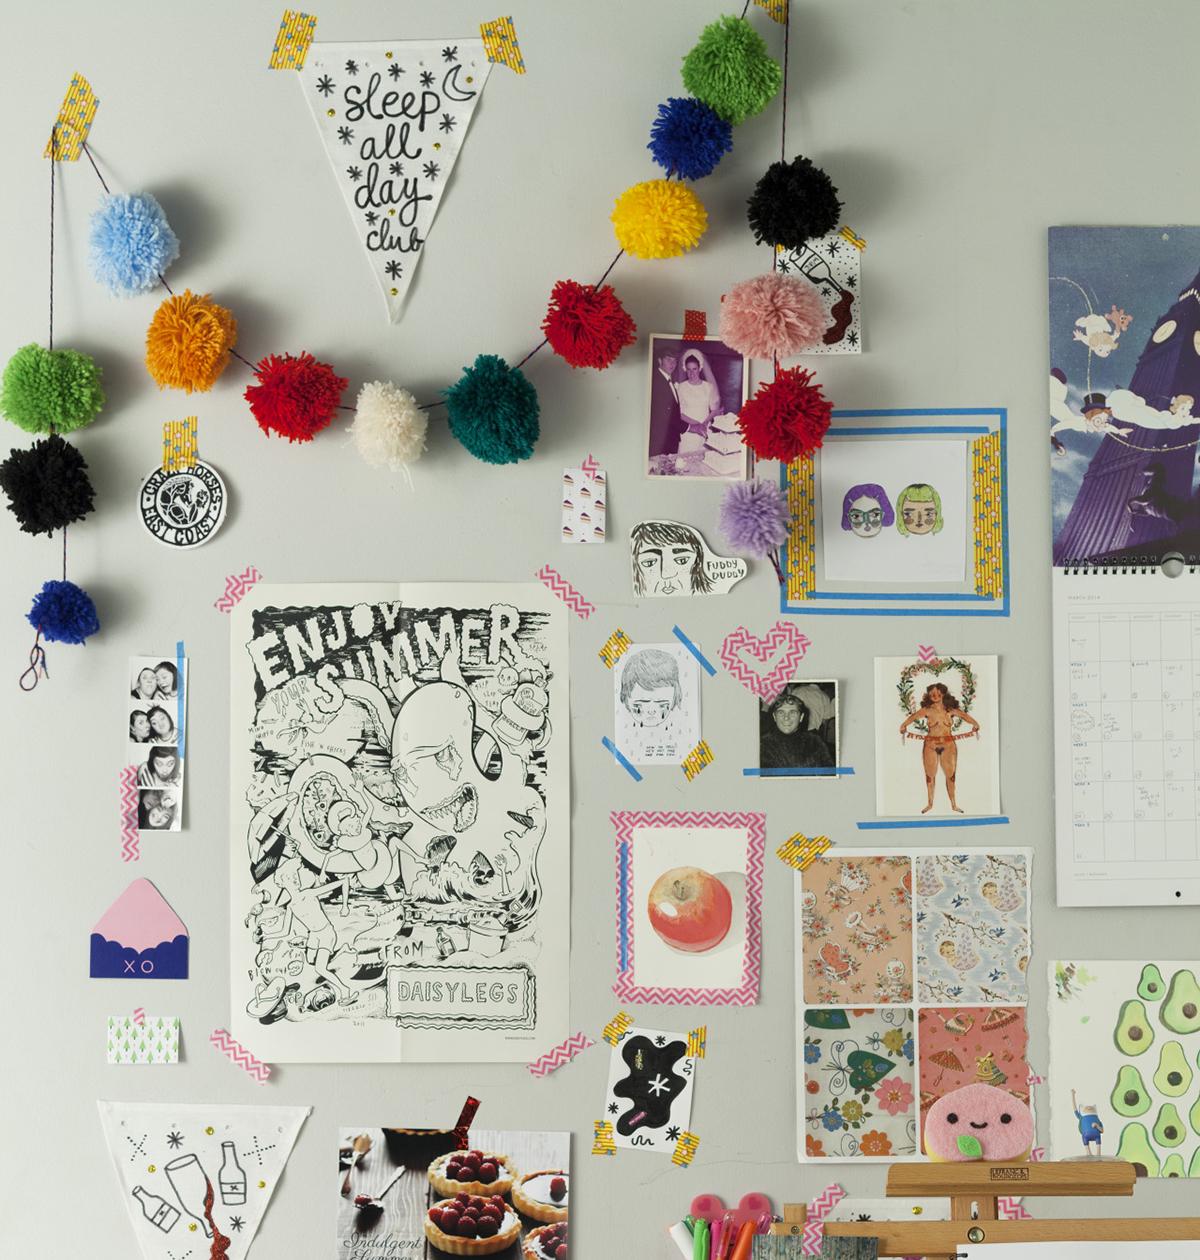 10 ideias para decorar o seu quarto sem gastar muito